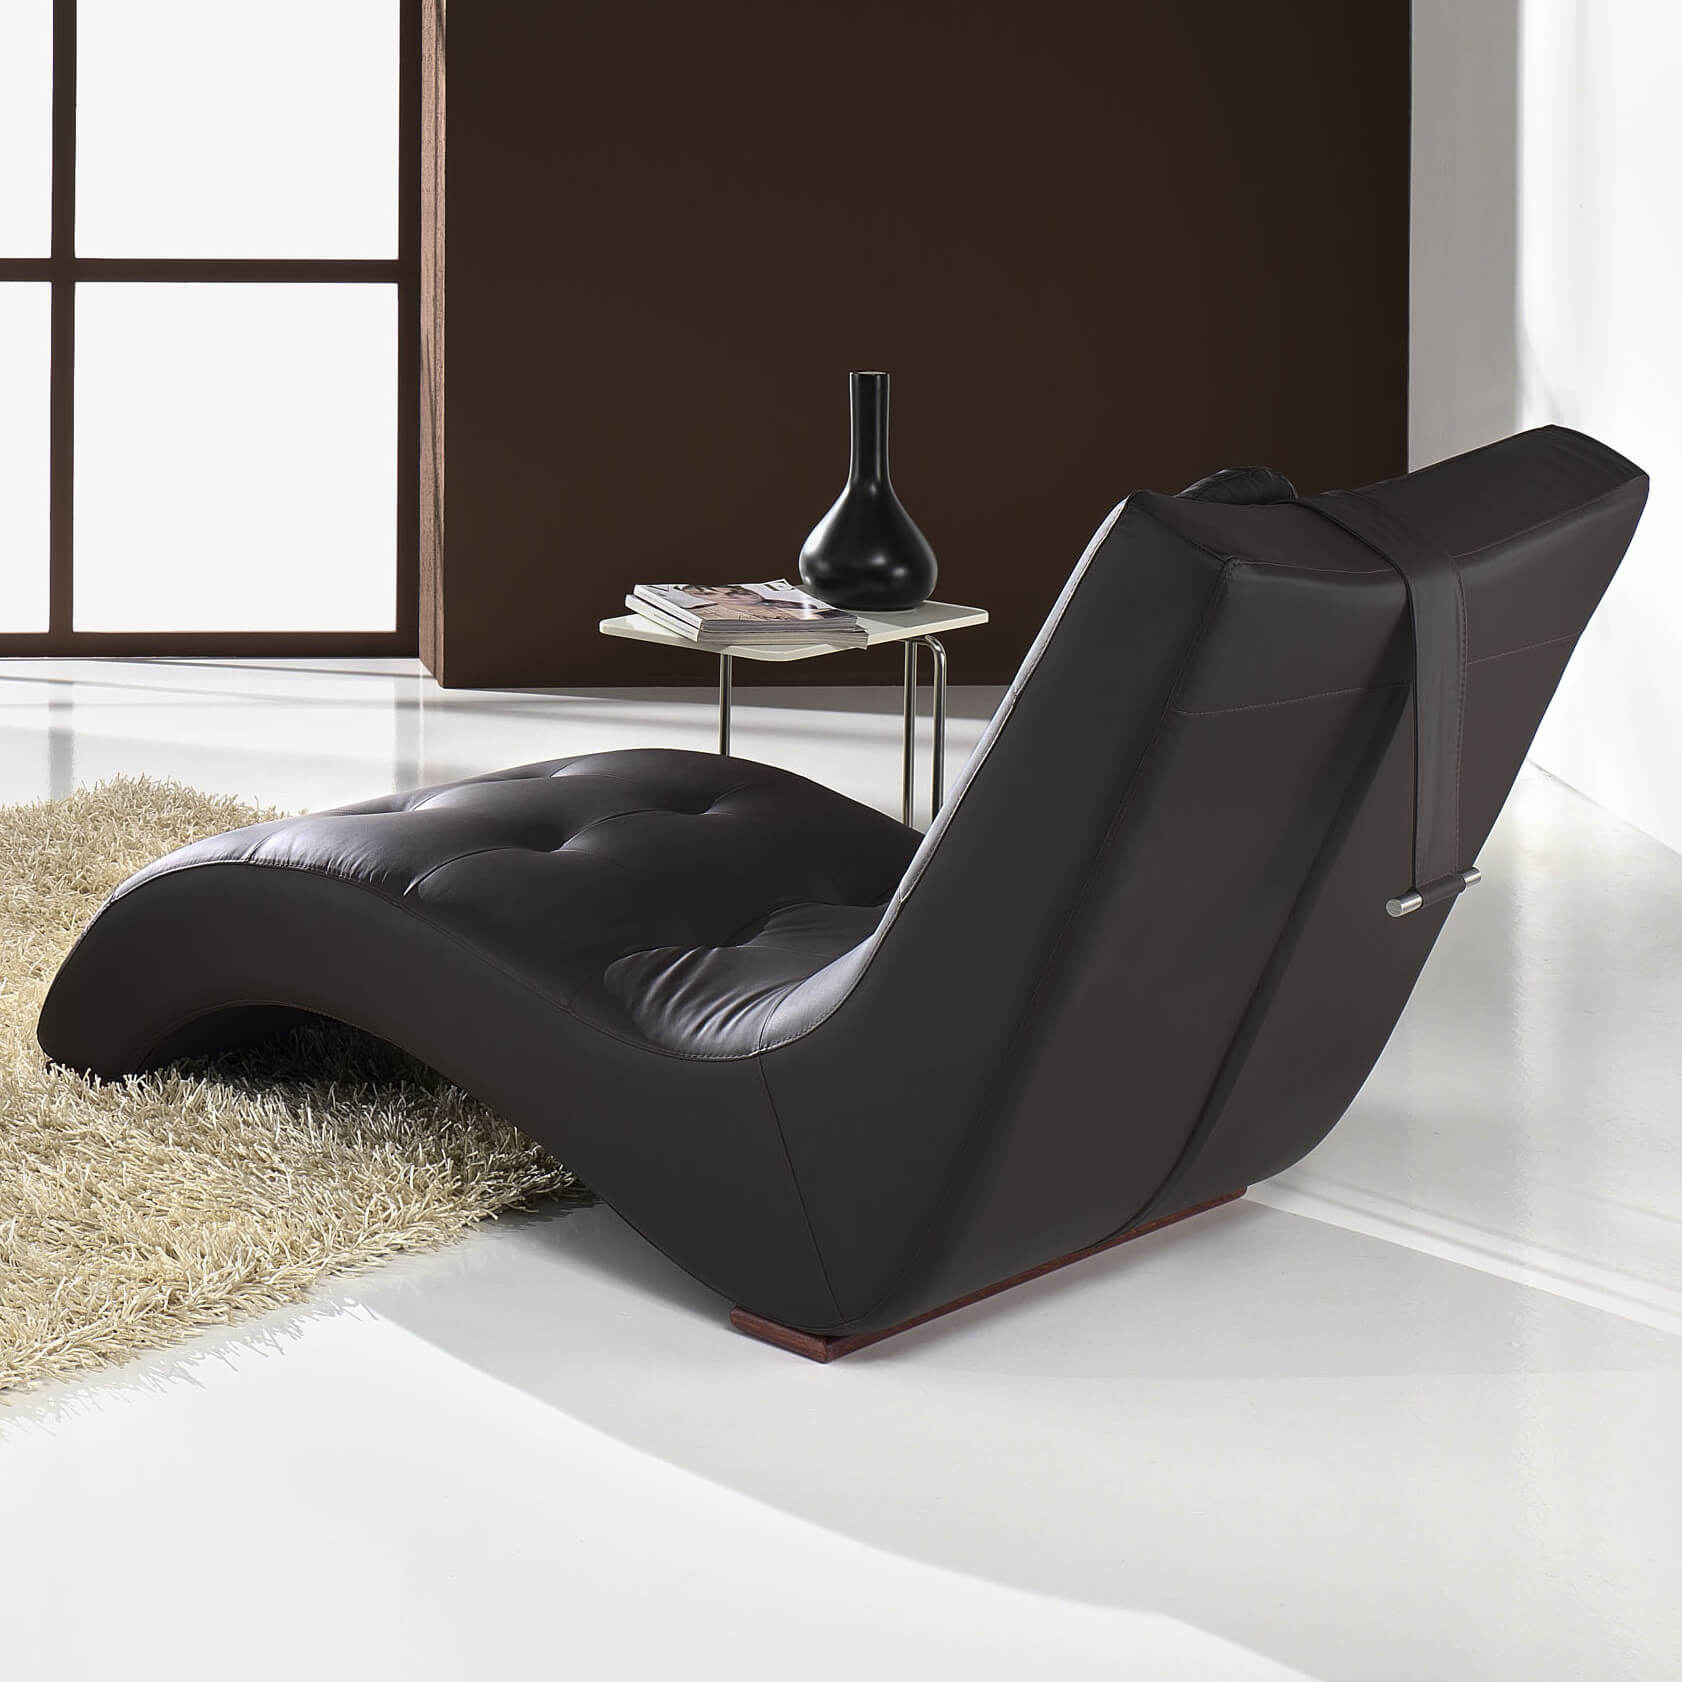 Chaise longue modello carlotta arredamento in svendita for Svendita arredamento